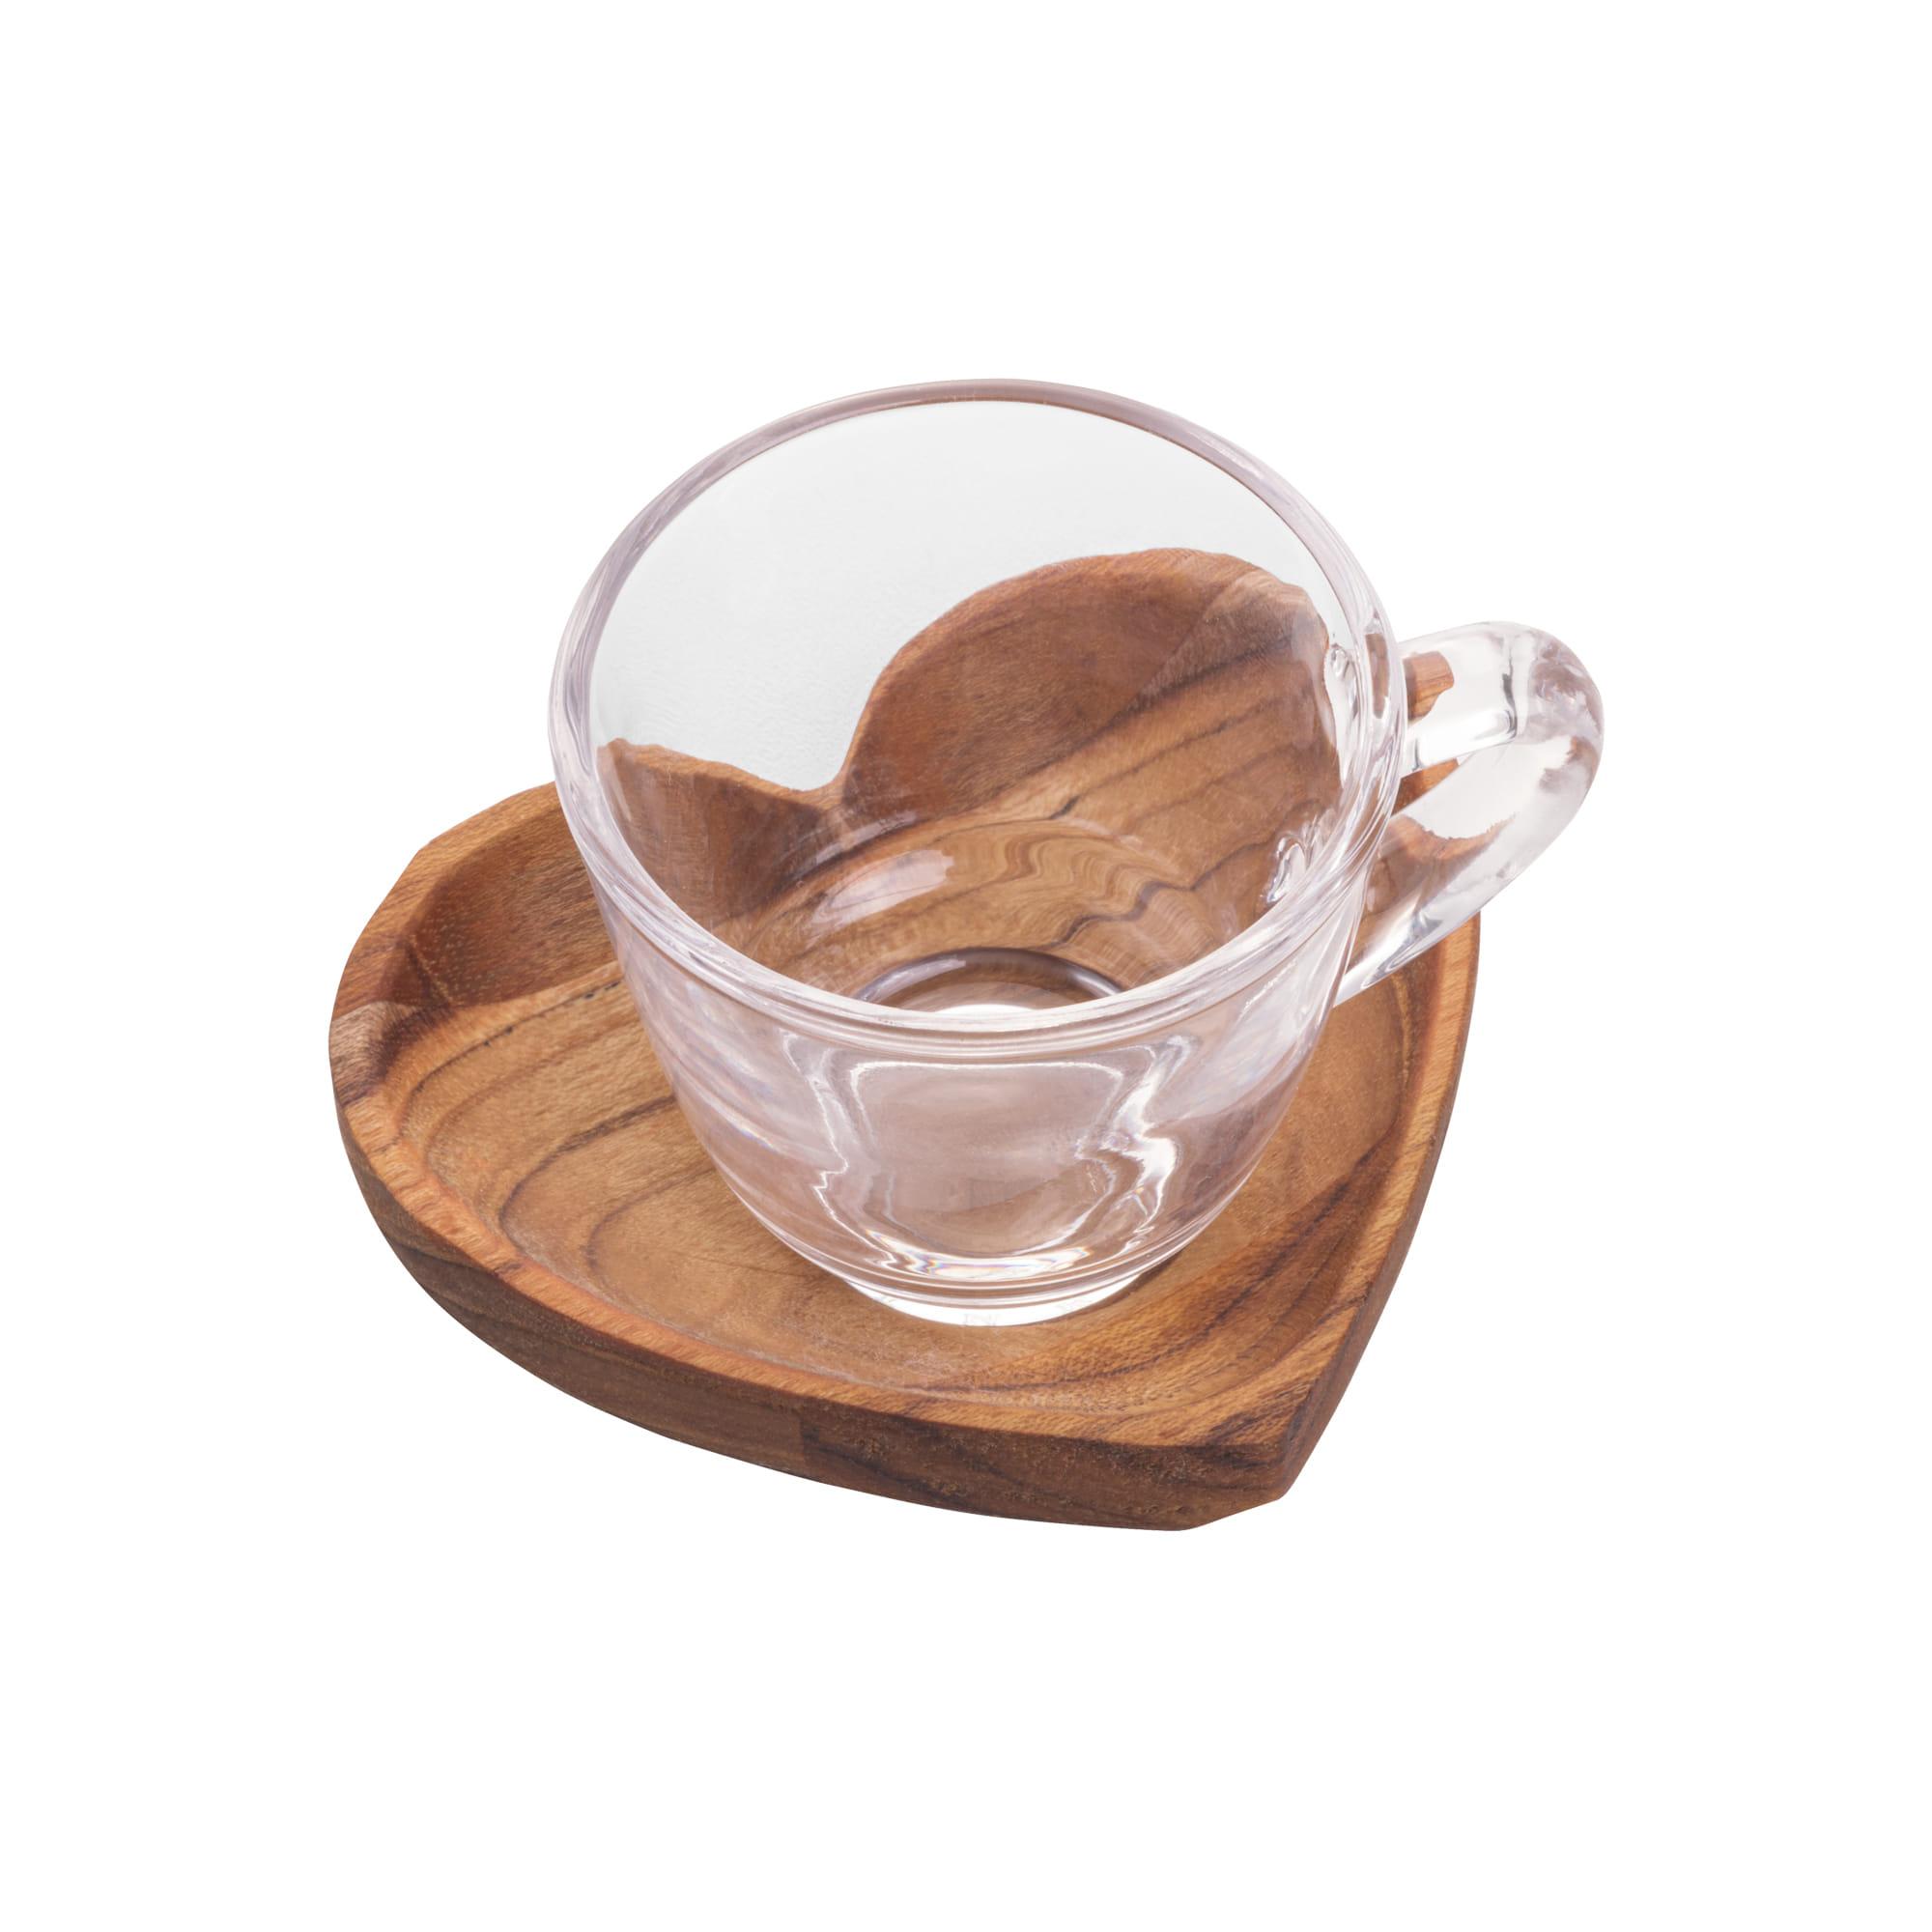 Cj 6 Xícaras Café C/ Pires Madeira Teca Coração 75ml